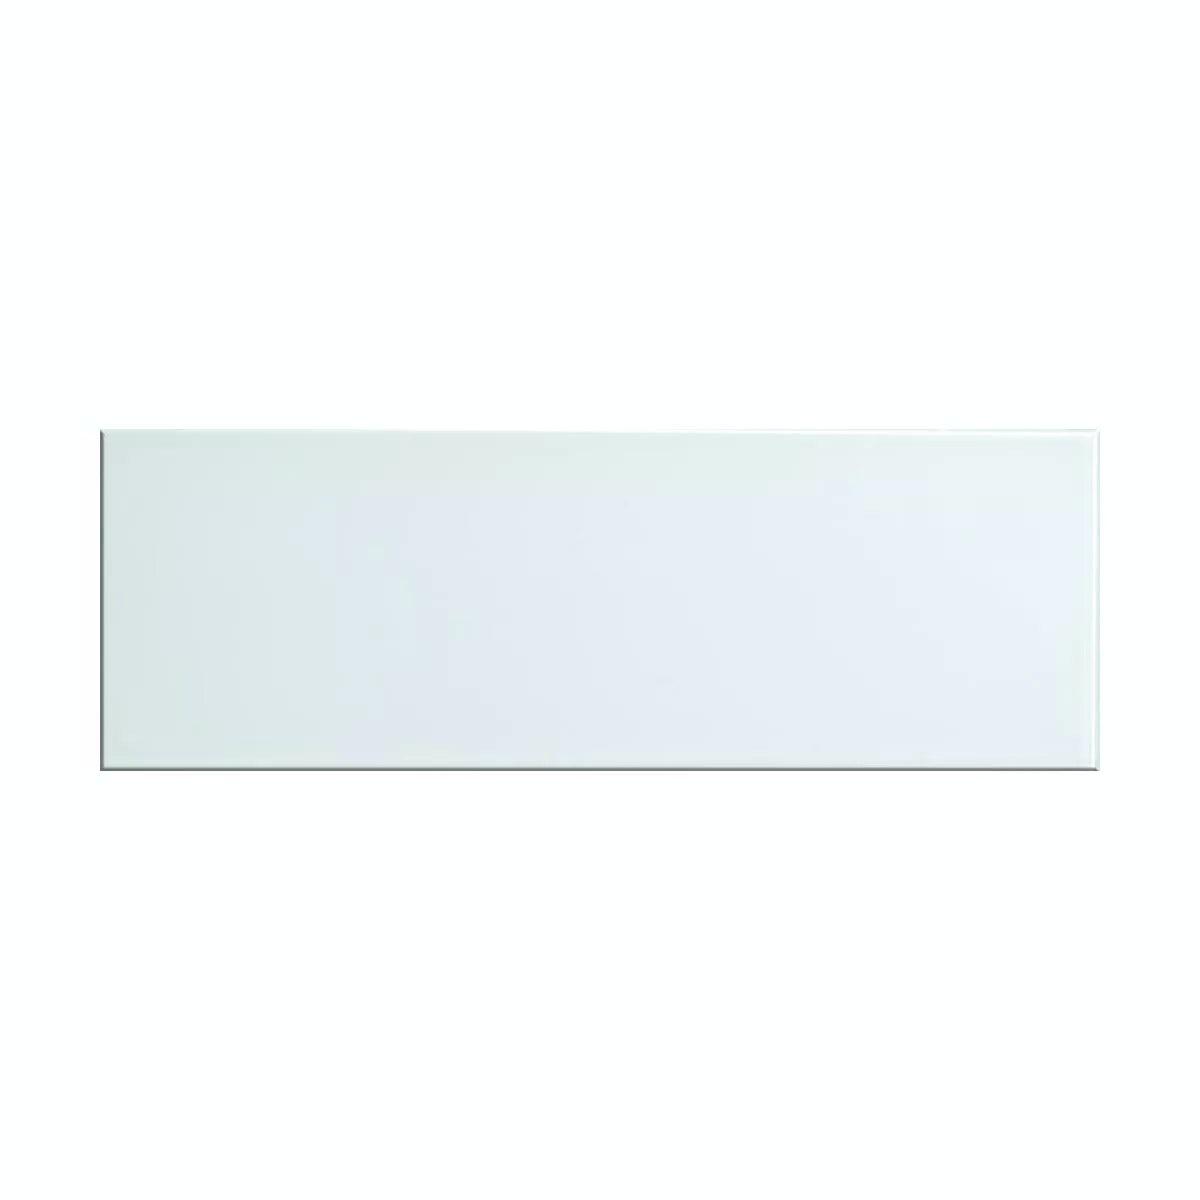 British Ceramic Tile glass whisper white gloss tile 148mm x 448mm - Box of 5